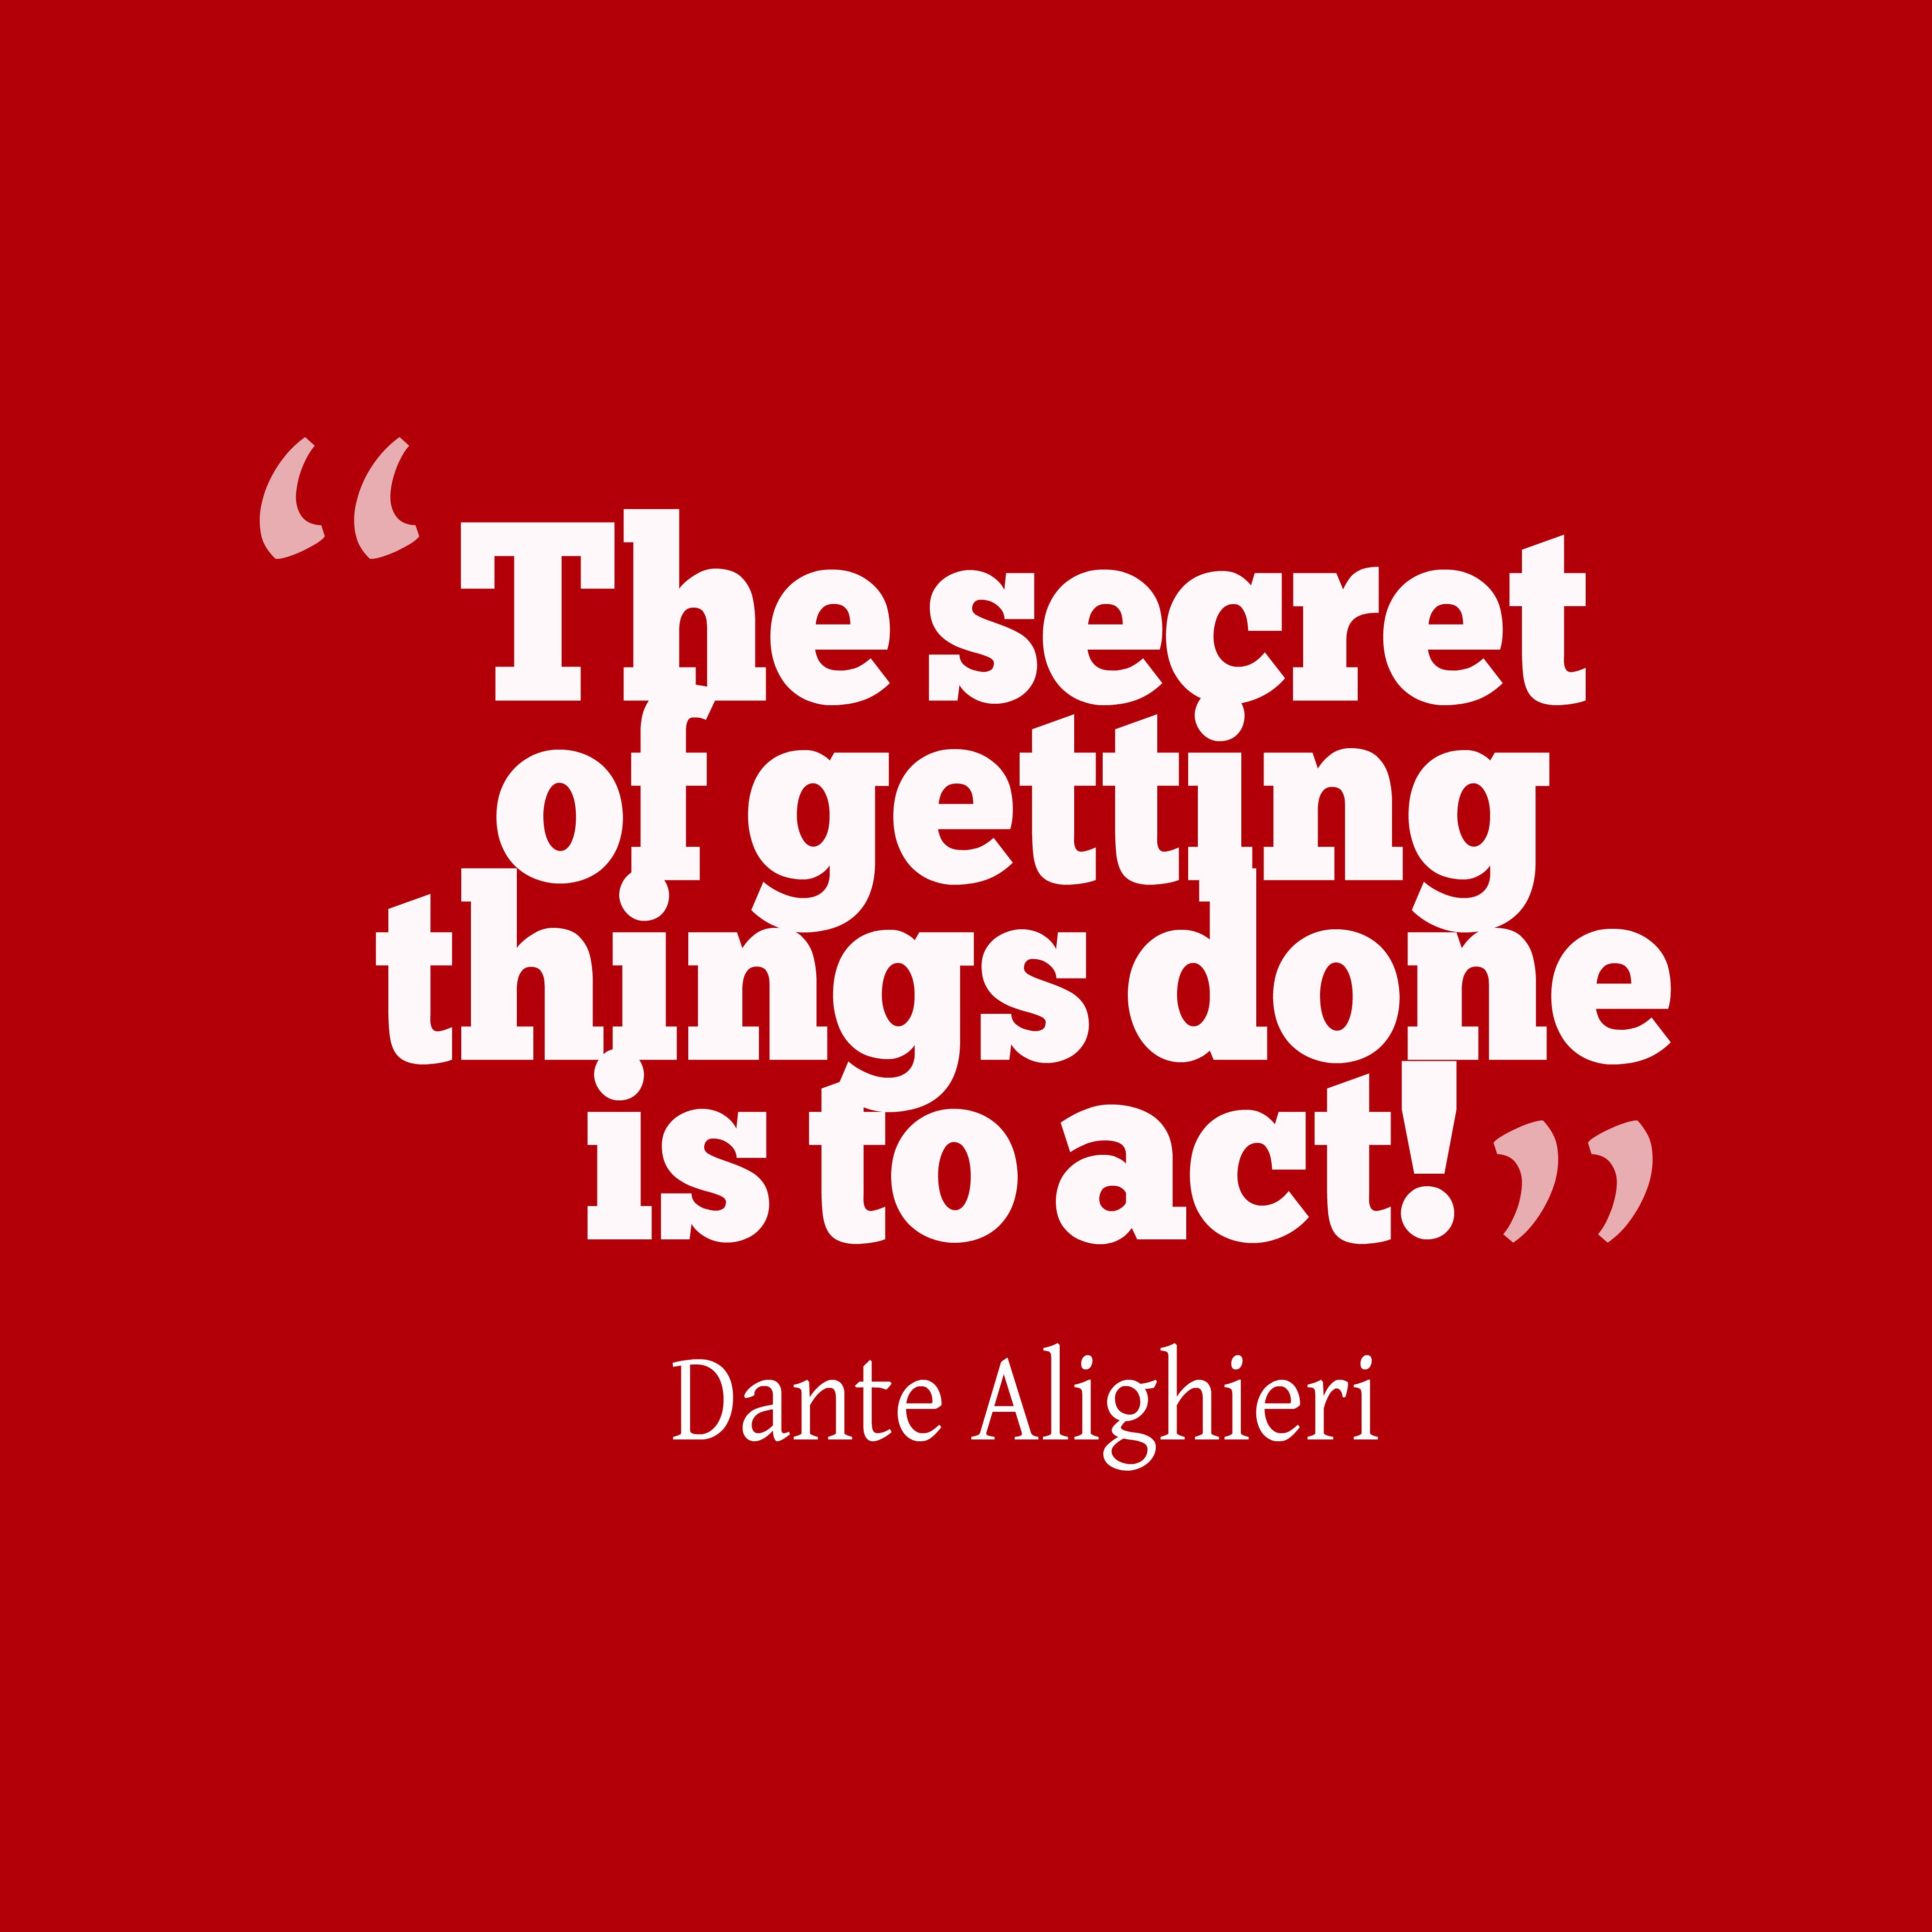 Dante Quotes 16 Best Dante Alighieri Quotes Images